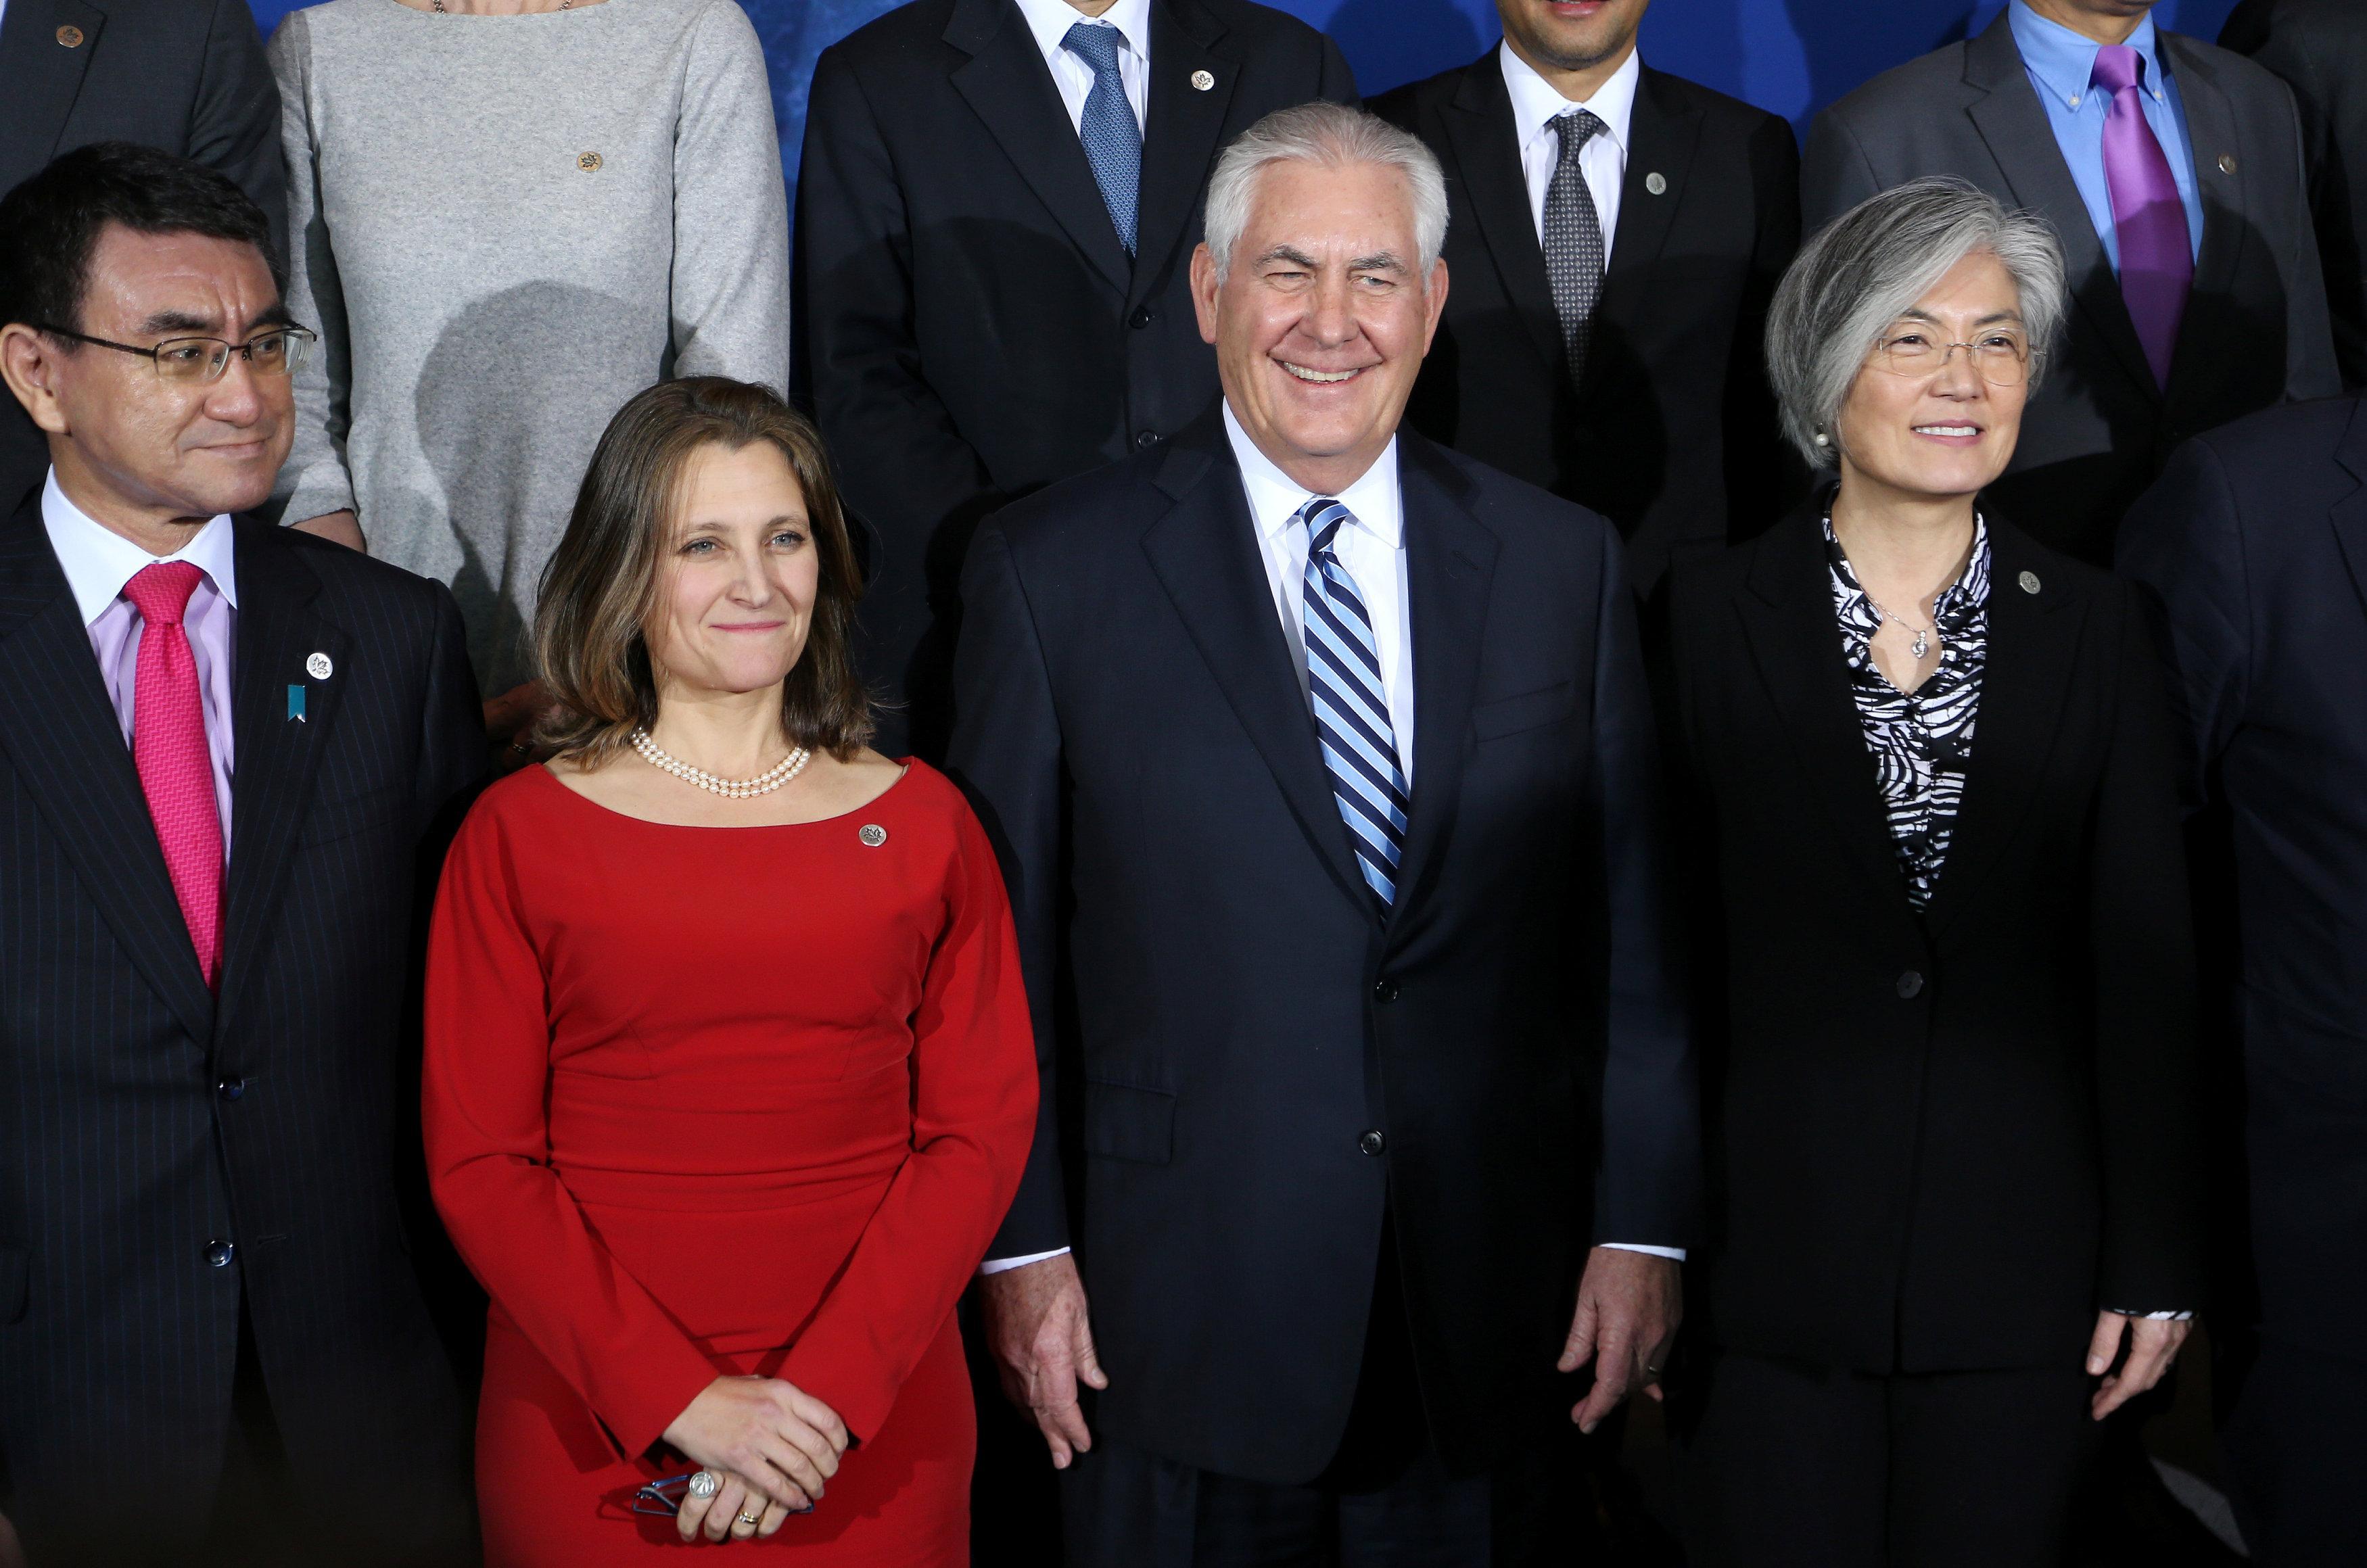 """Résultat de recherche d'images pour """"Nations to consider more North Korea sanctions, U.S. warns on military option"""""""